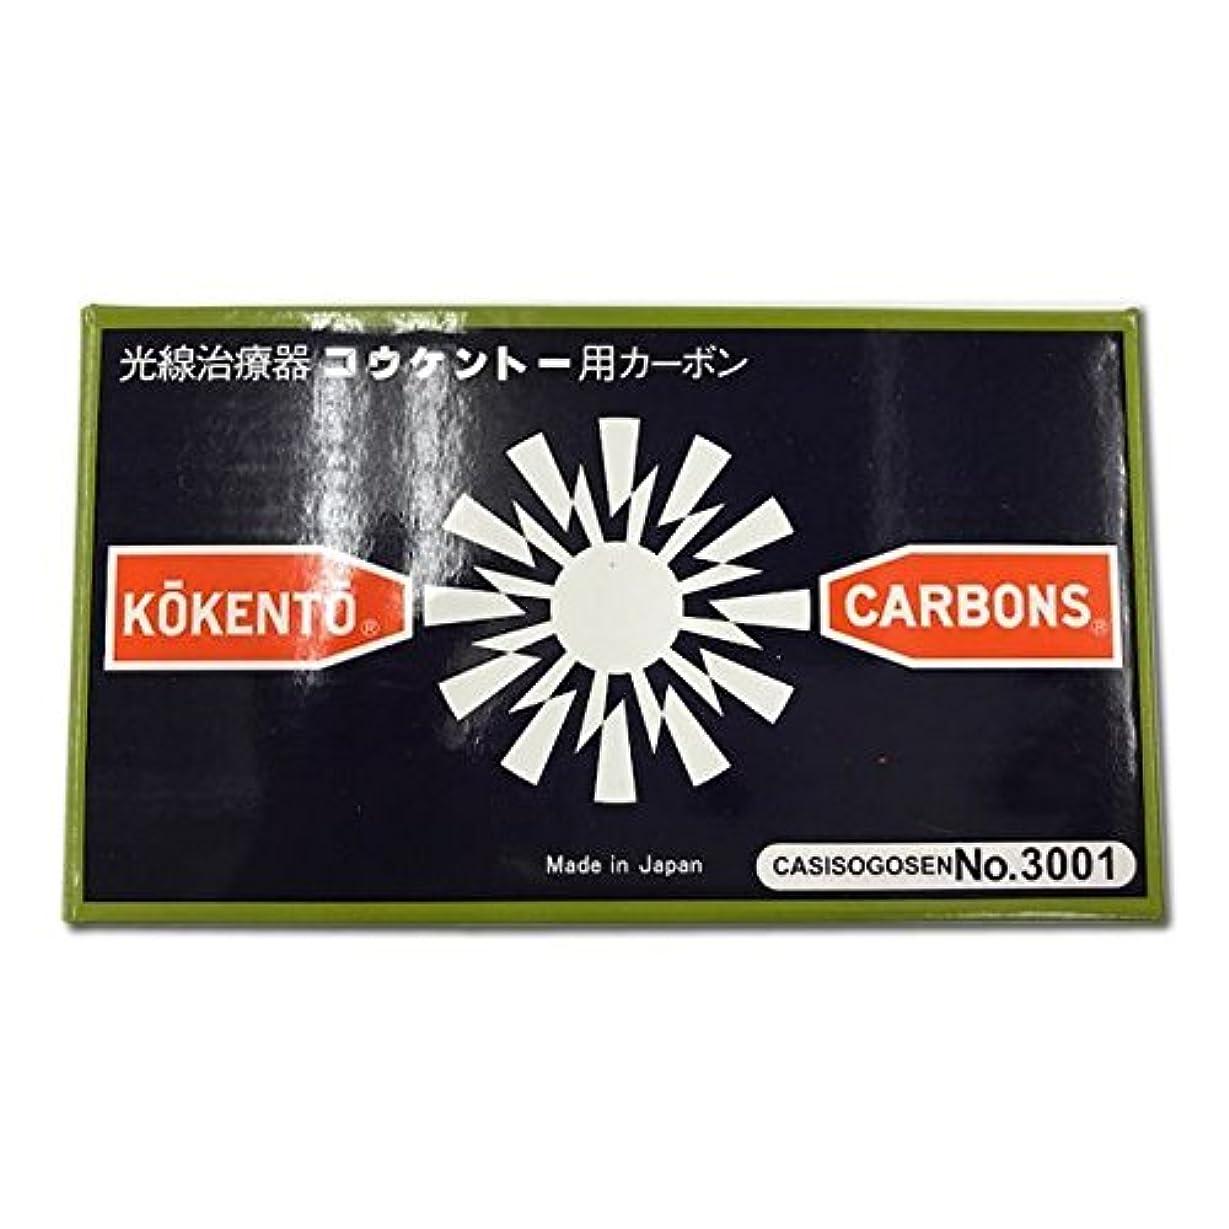 チャート代数可塑性コウケントーカーボン No3001 50本